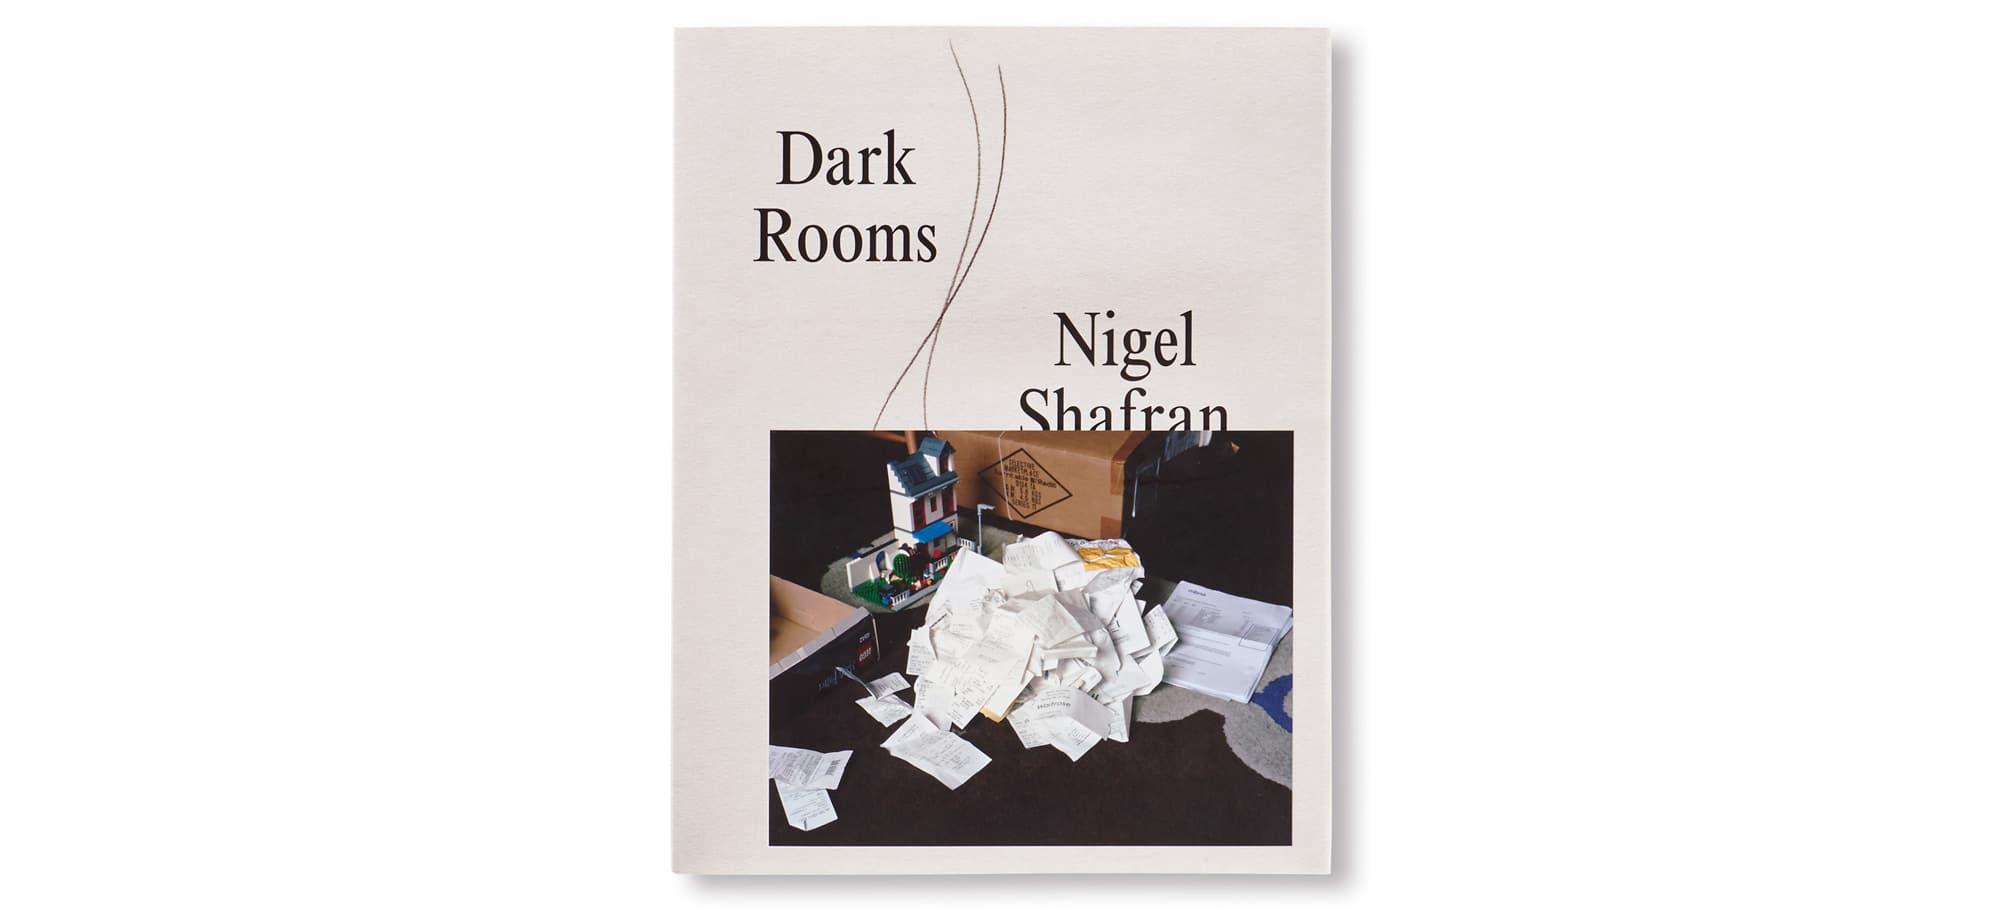 ブックレヴュー『DARK ROOMS』ナイジェル・シャフラン | Dark Rooms